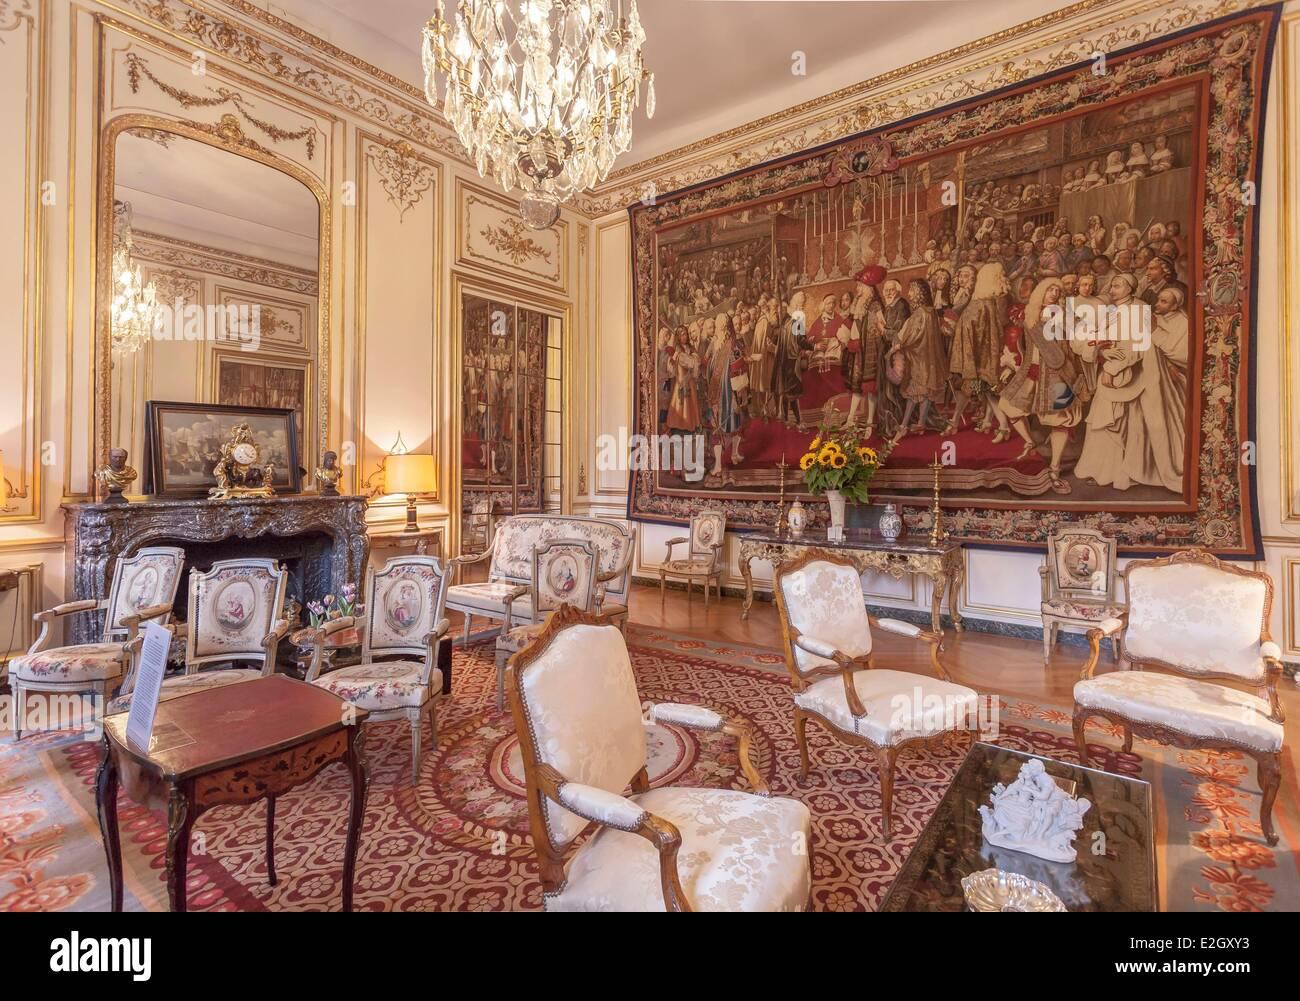 Populaire France Paris Rue de Grenelle Hotel de Besenval 18th century  HQ41